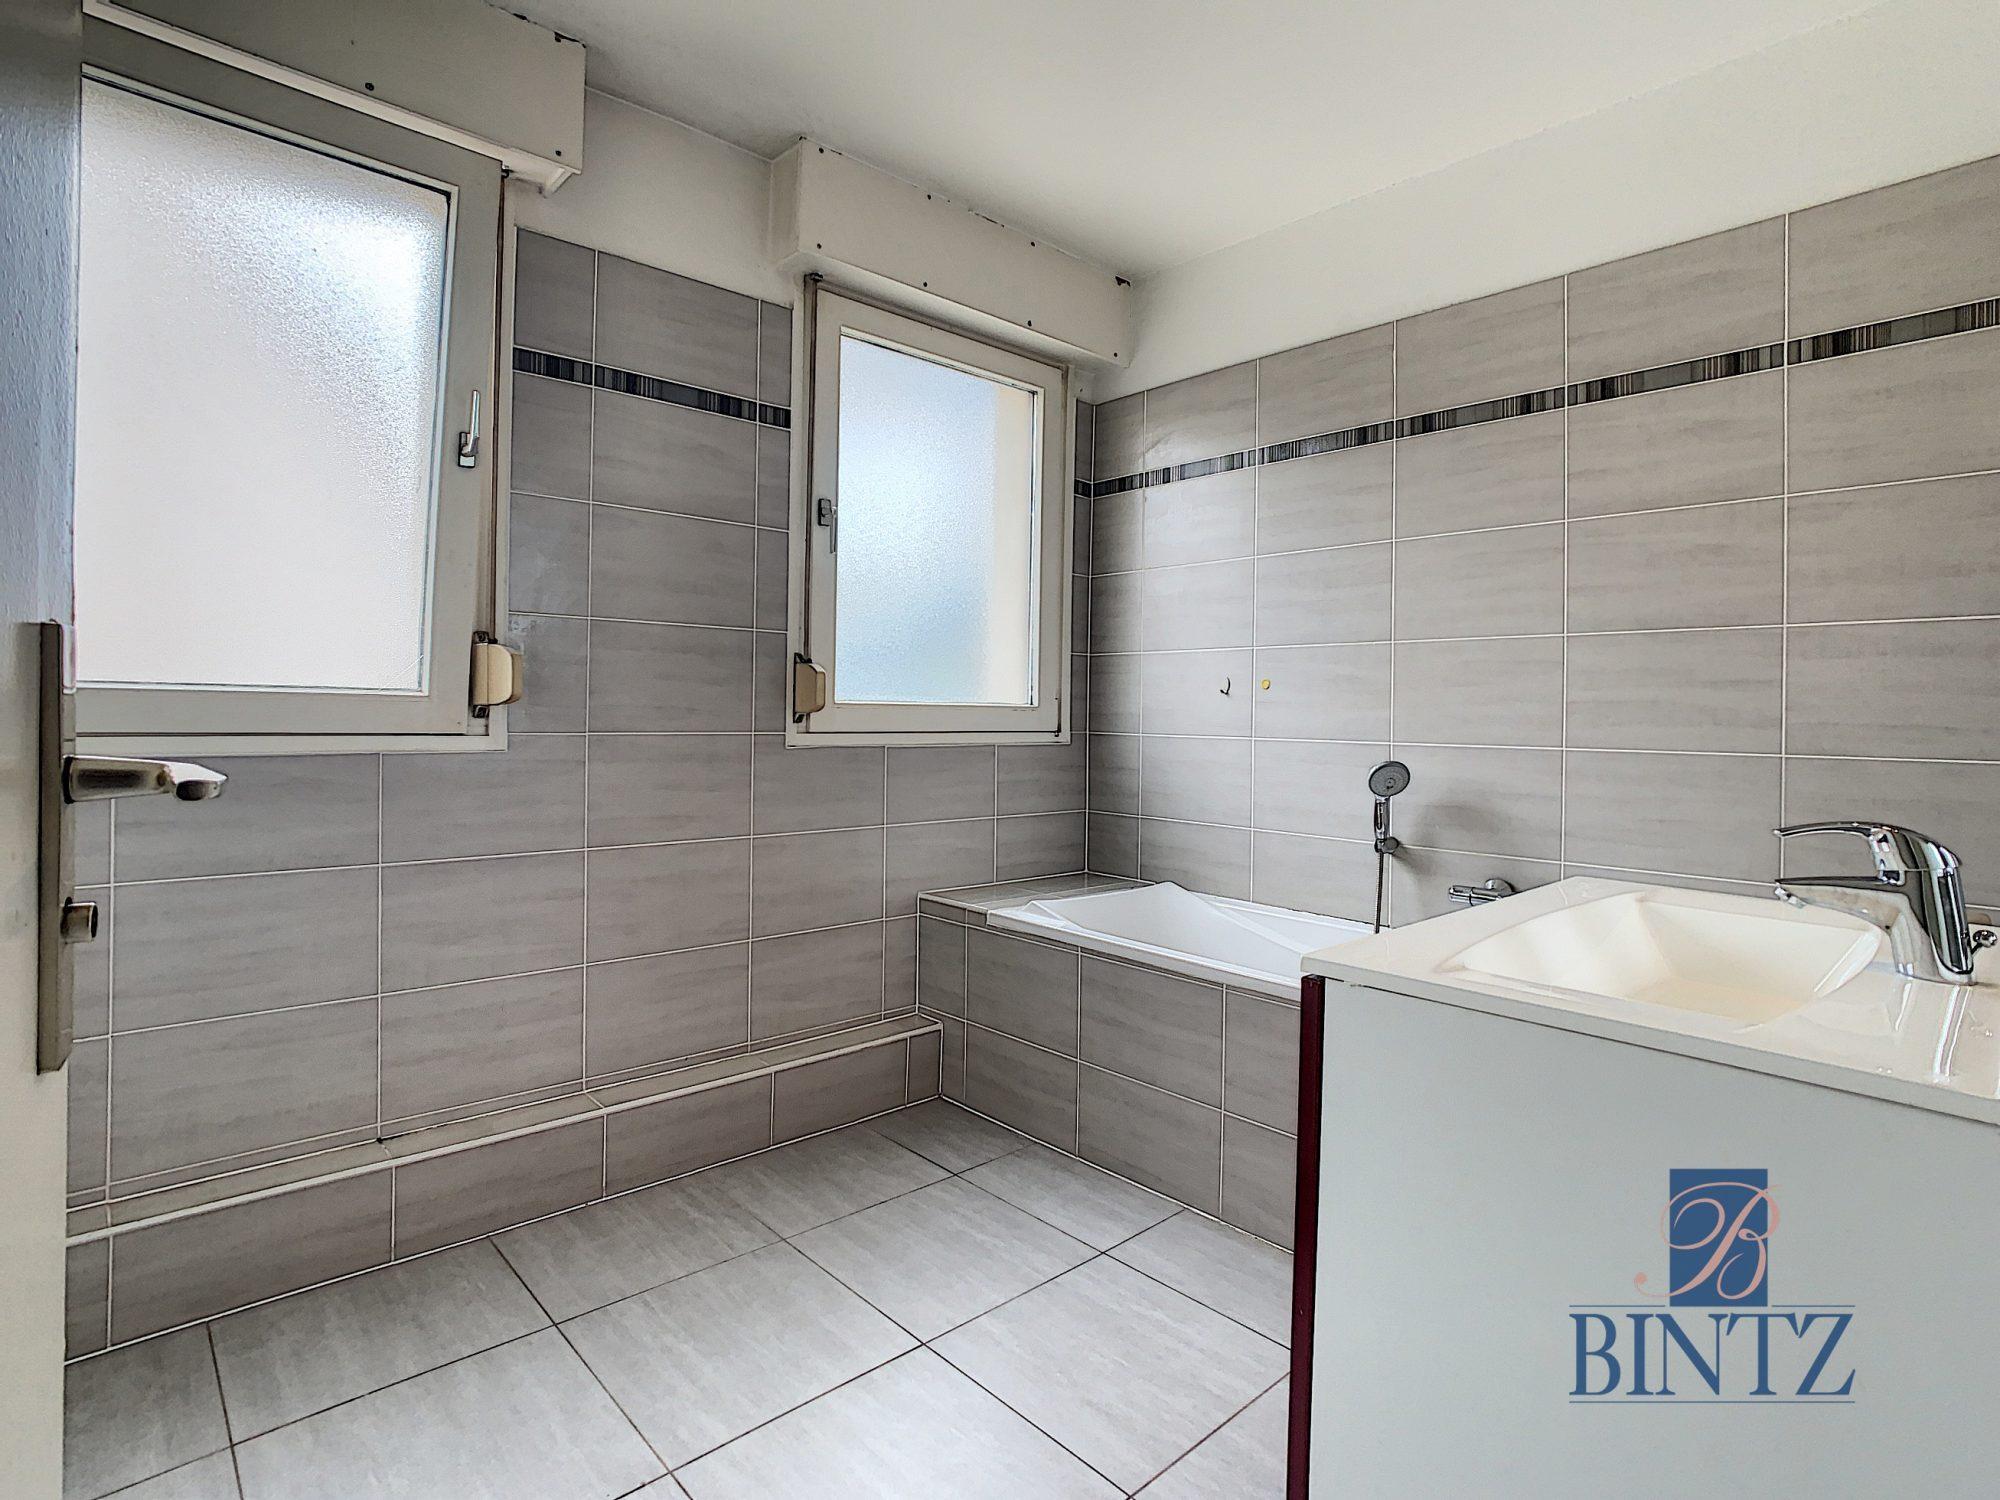 Appartement traversant 4 pièces 97,5m2 à Oberhausbergen - Devenez propriétaire en toute confiance - Bintz Immobilier - 8